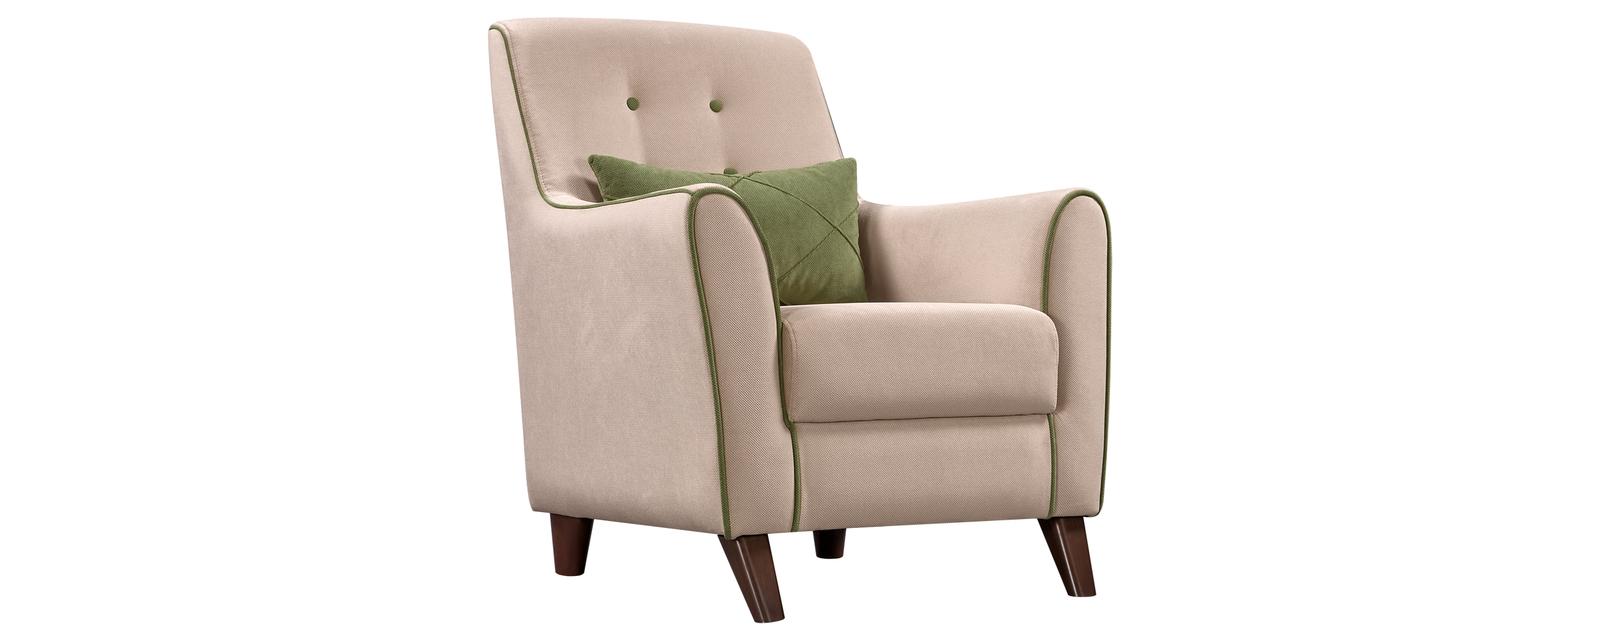 Кресло тканевое Френсис Velure бежевый/зеленая подушка